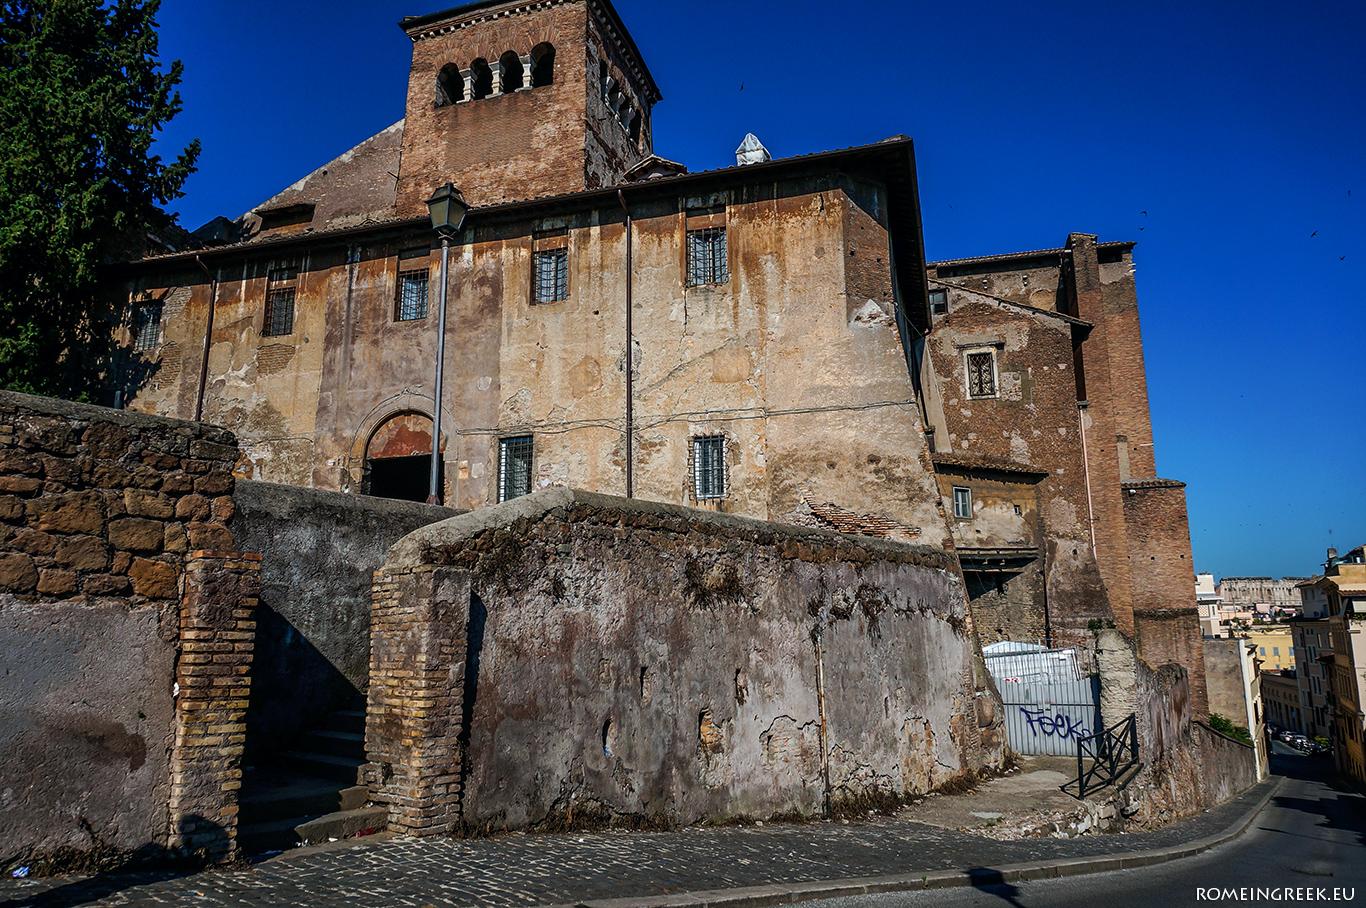 Μοναστήρι των Τεσσάρων Εστεμμένων Αγίων